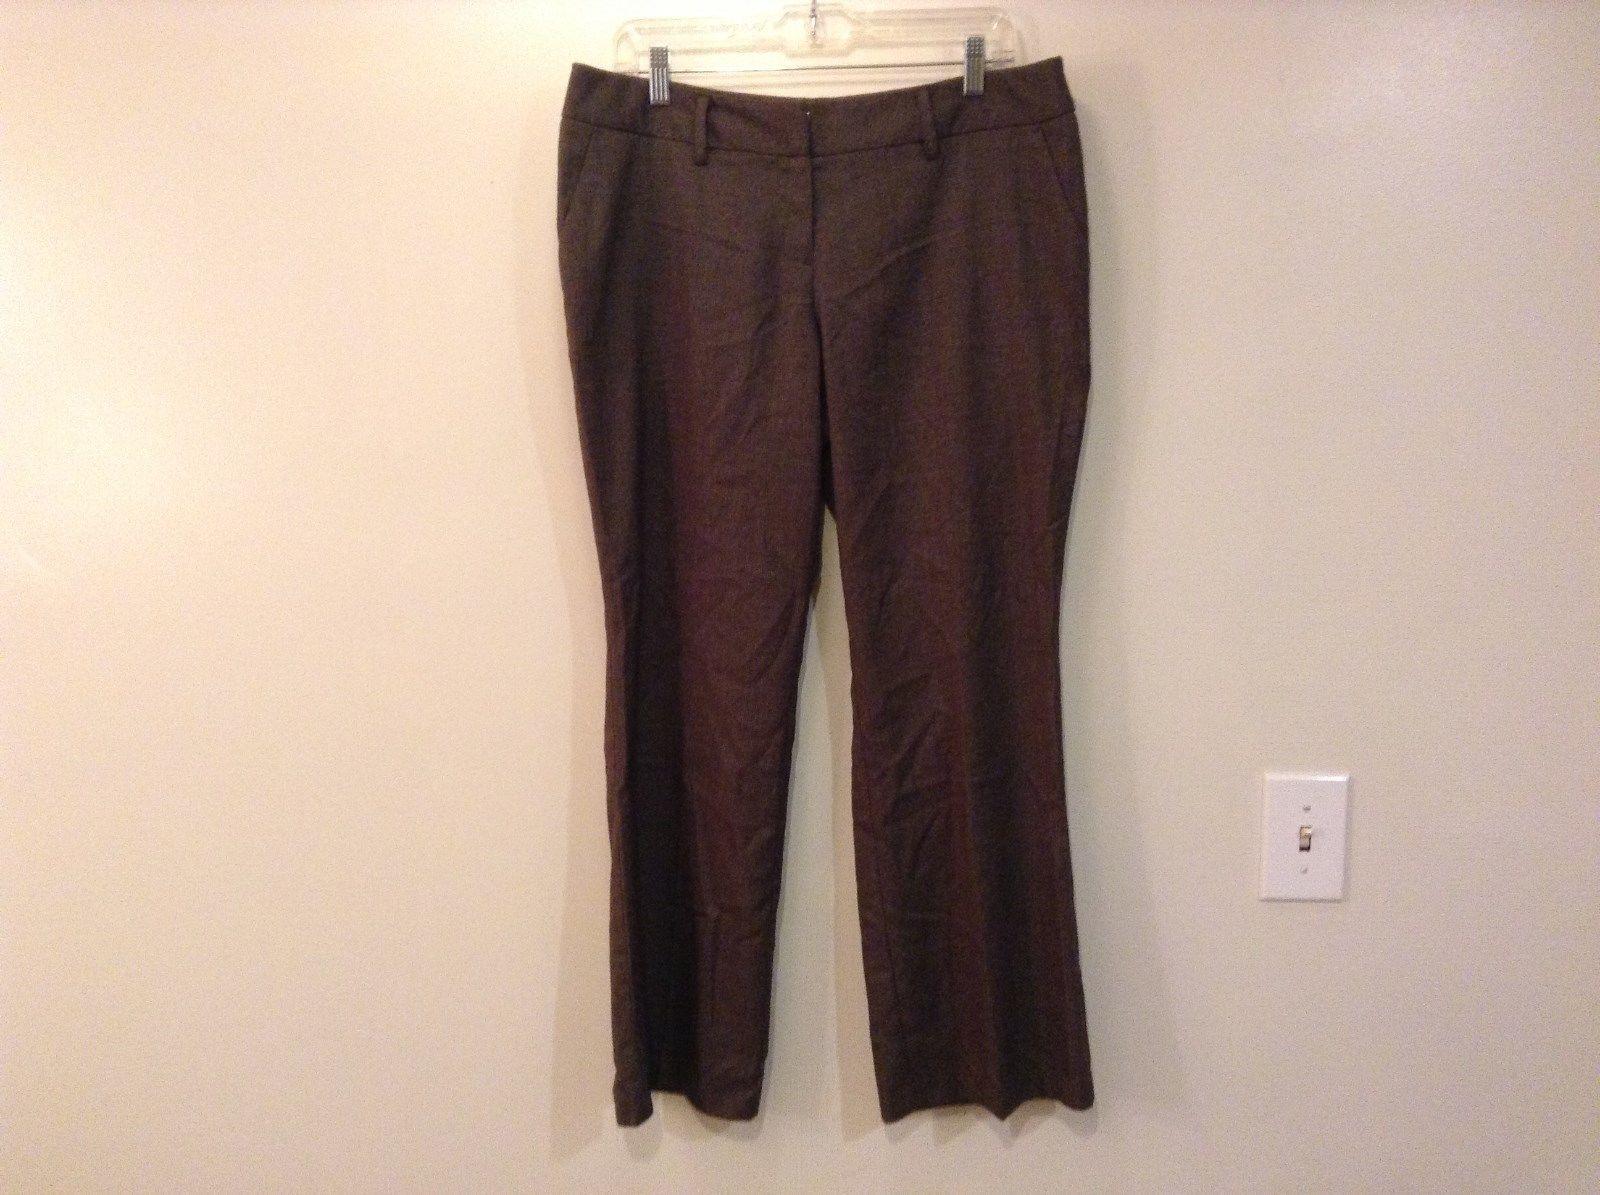 Brown Flat Front Apt 9 Petite Dress Pants Size 12 Petite Button Zipper Closure